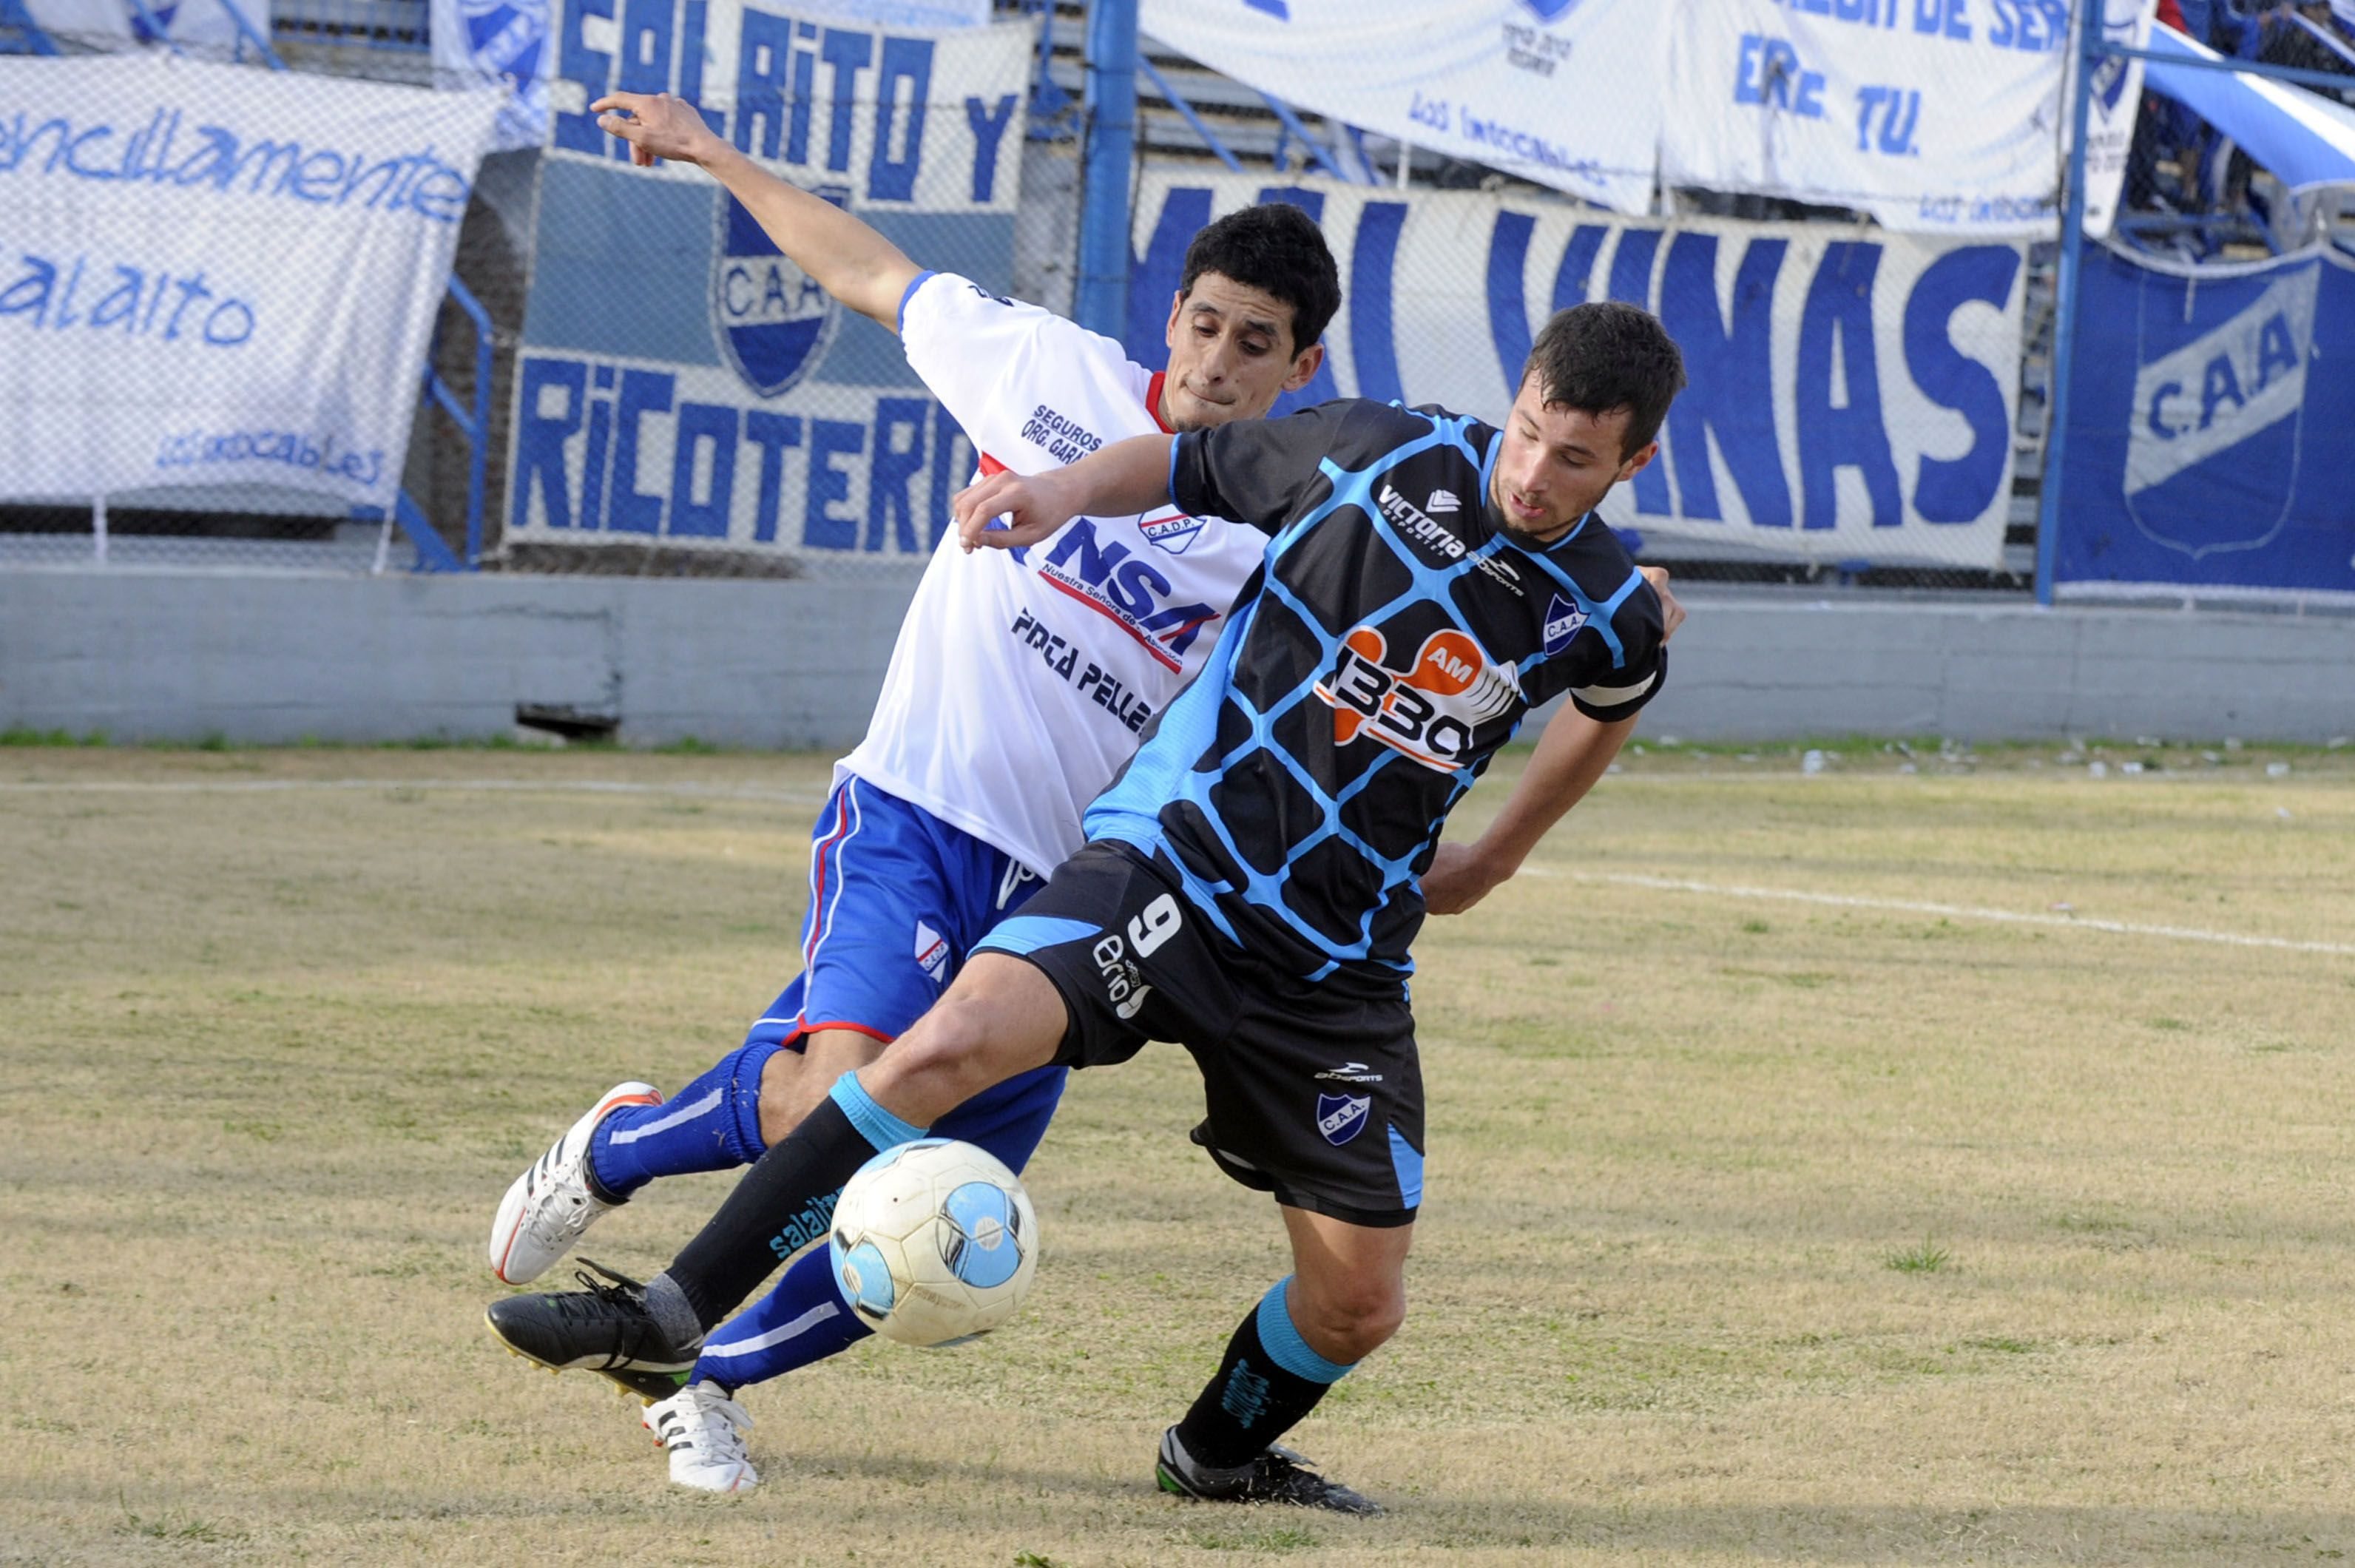 El atacante. Luciano Pons estará en la delantera junto a Leandro Cabral en el Albo. (Foto: G. de los Ríos)